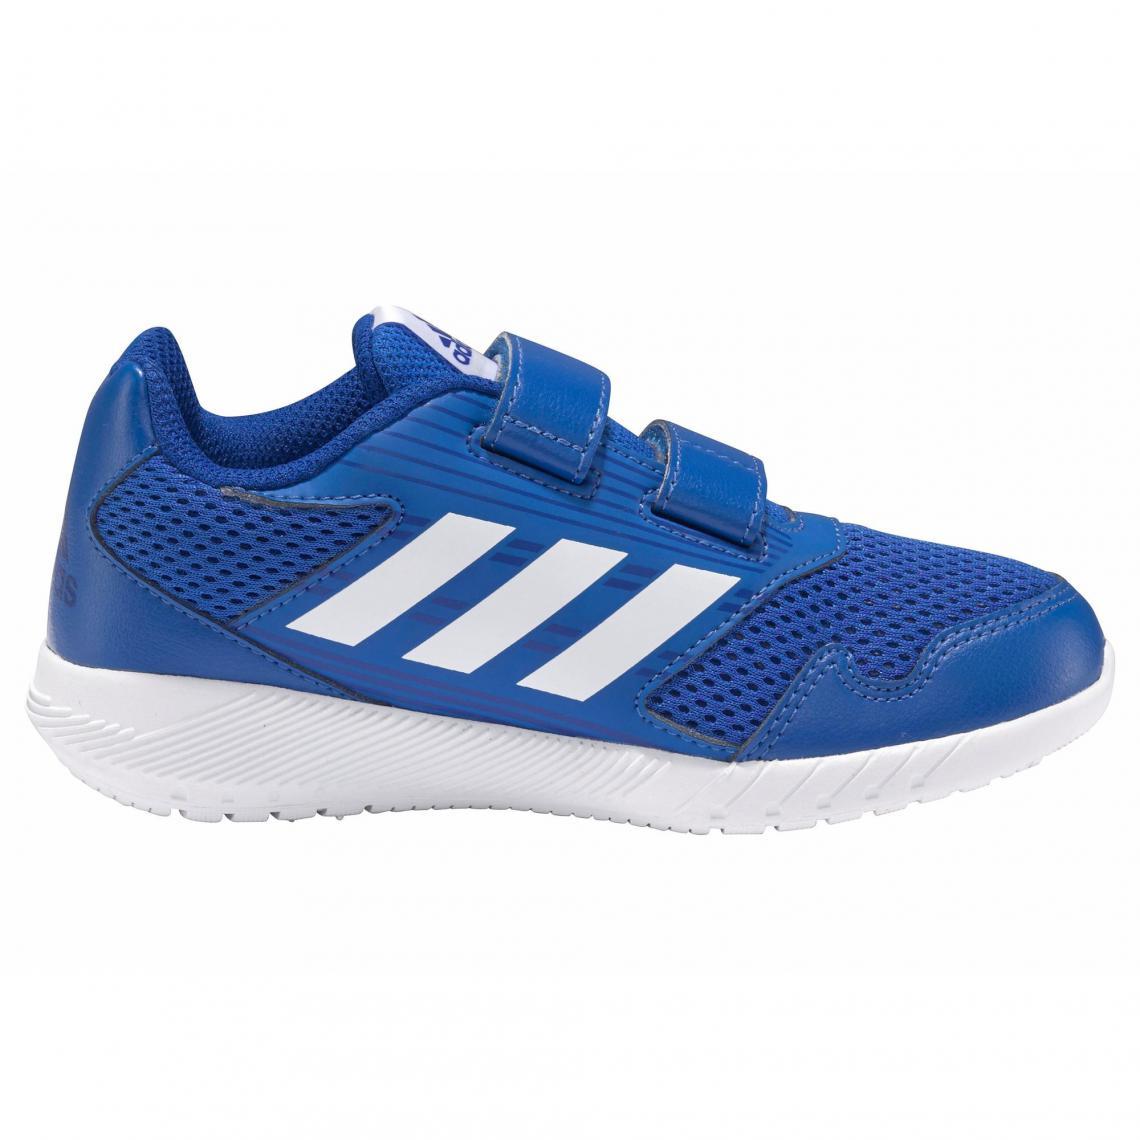 Sport Chaussures Garçon Cf Adidas Altarun De Bleu Performance D2EIH9